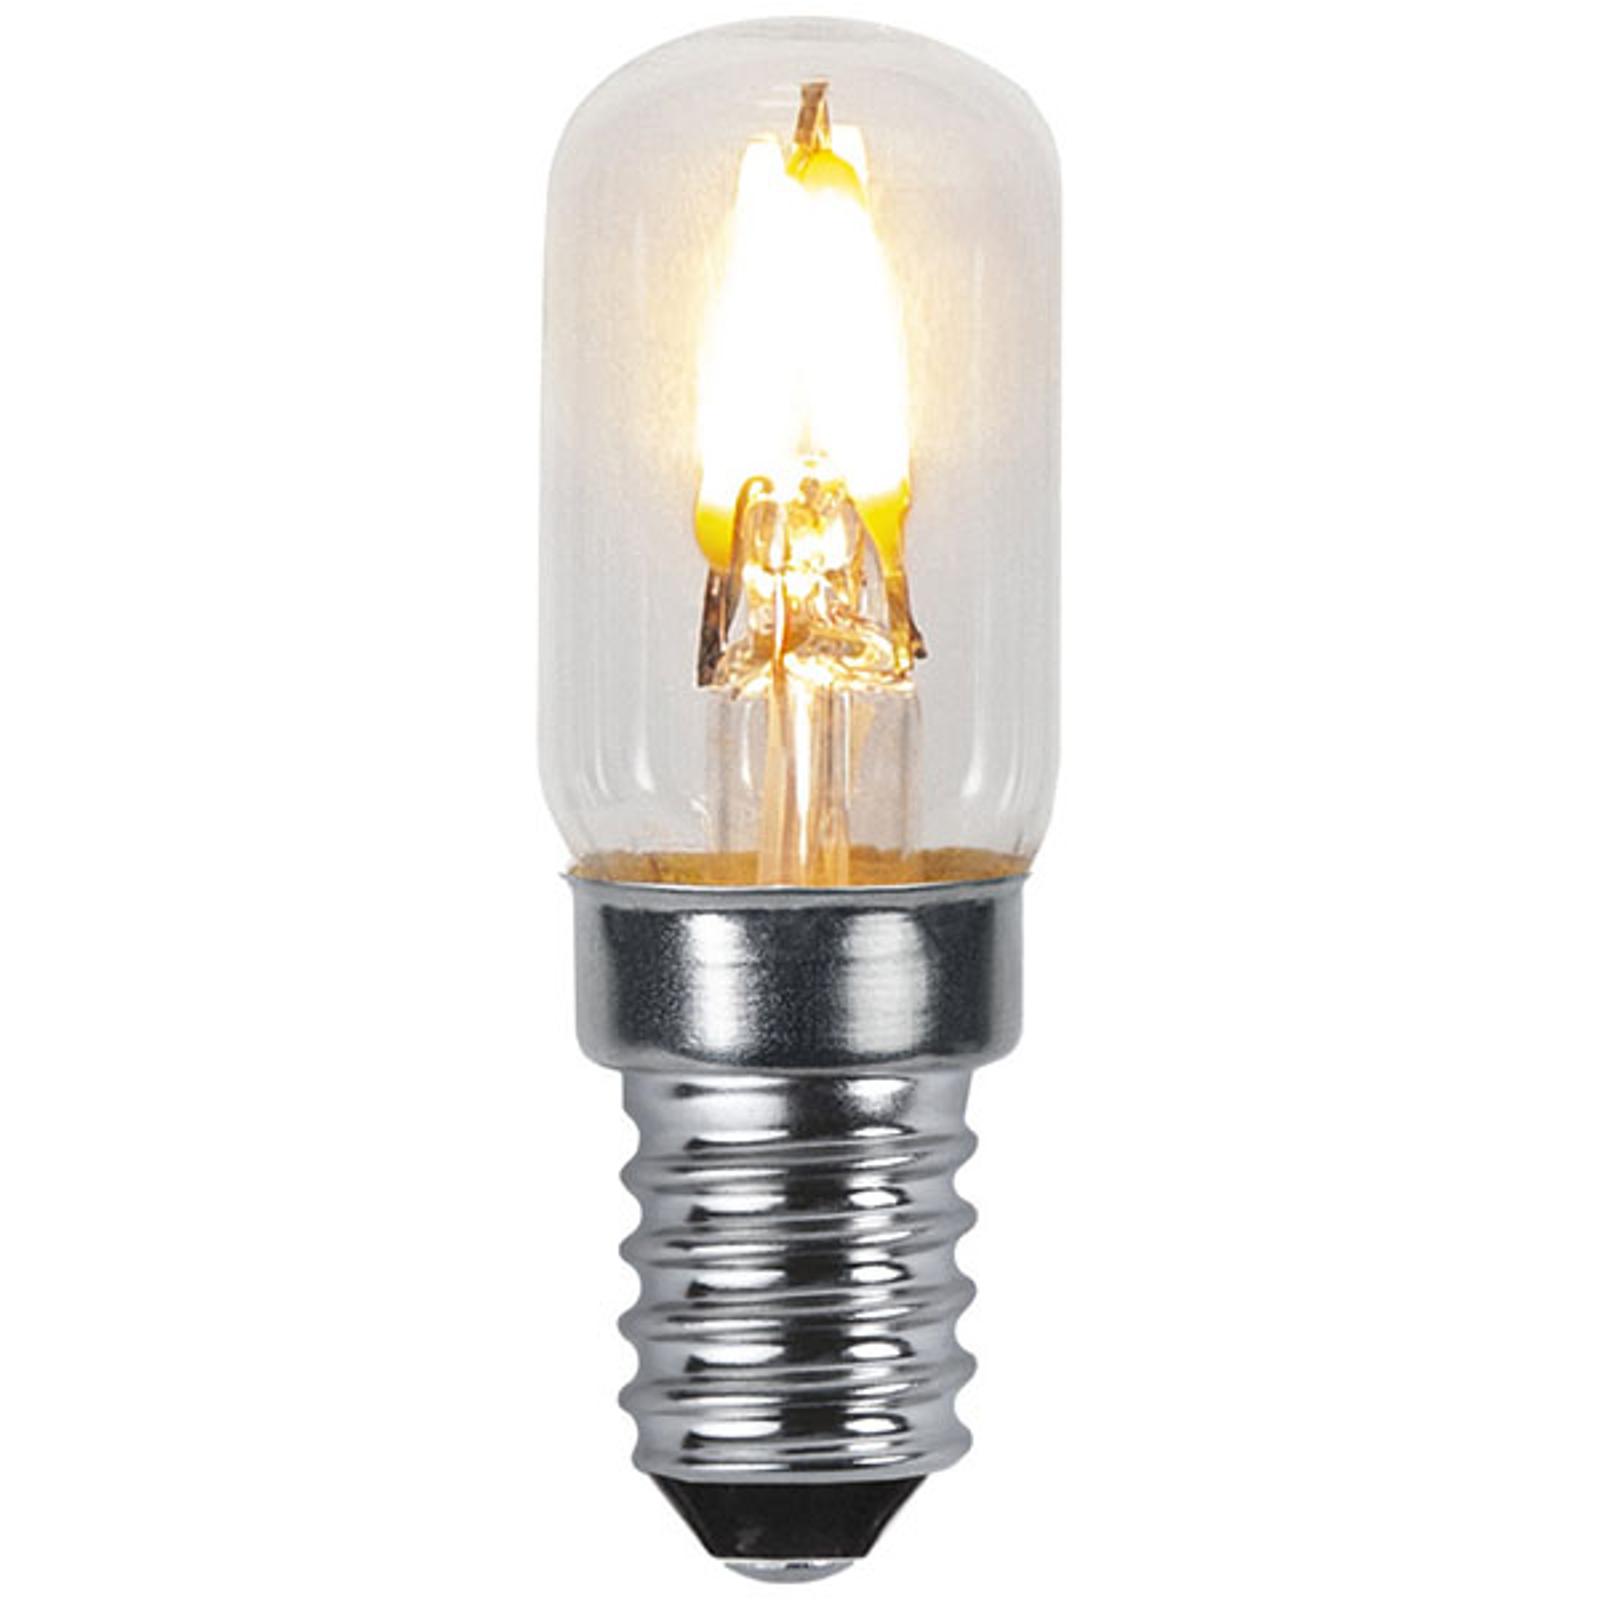 E14 T16 LED-pære 0,3 W 30 lumen Soft Glow, 2.100 K